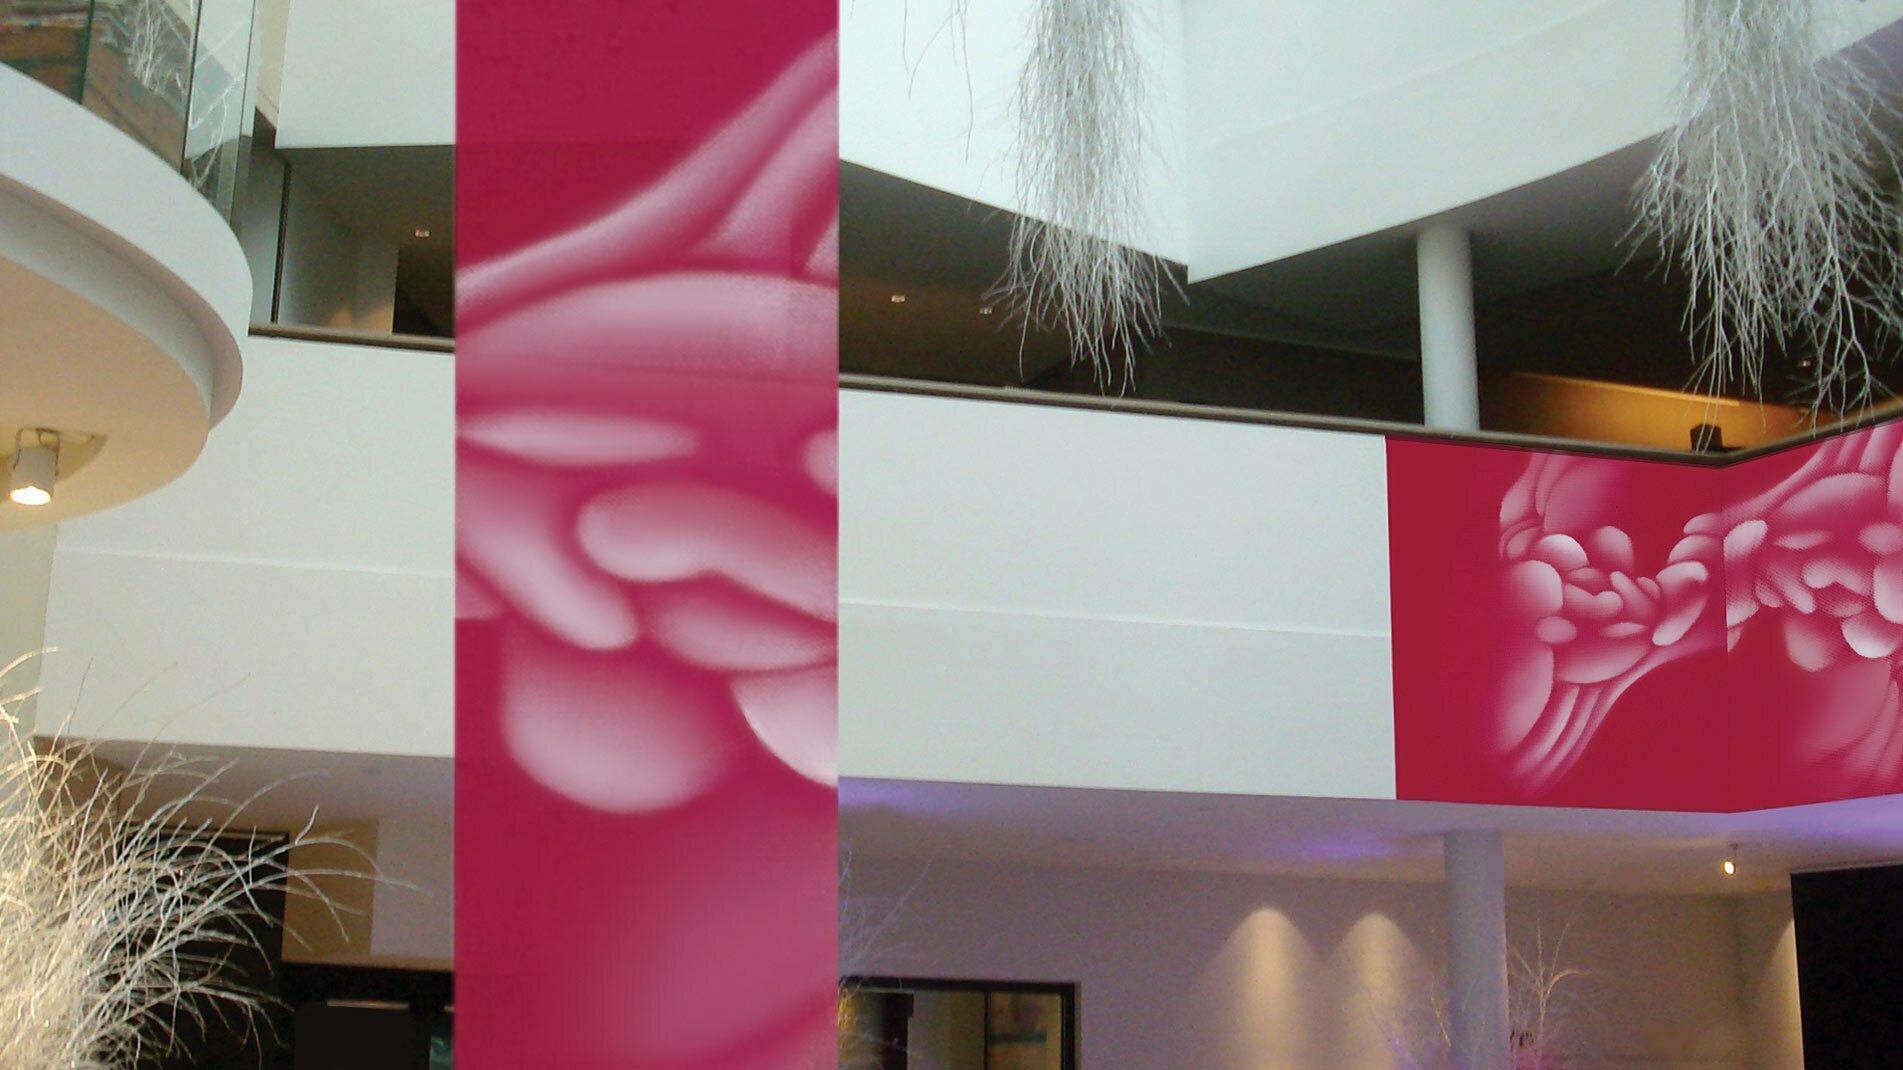 Installation de l'artiste Guillaume Bottazzi pour l'hôtel Sofitel à Bruxelles